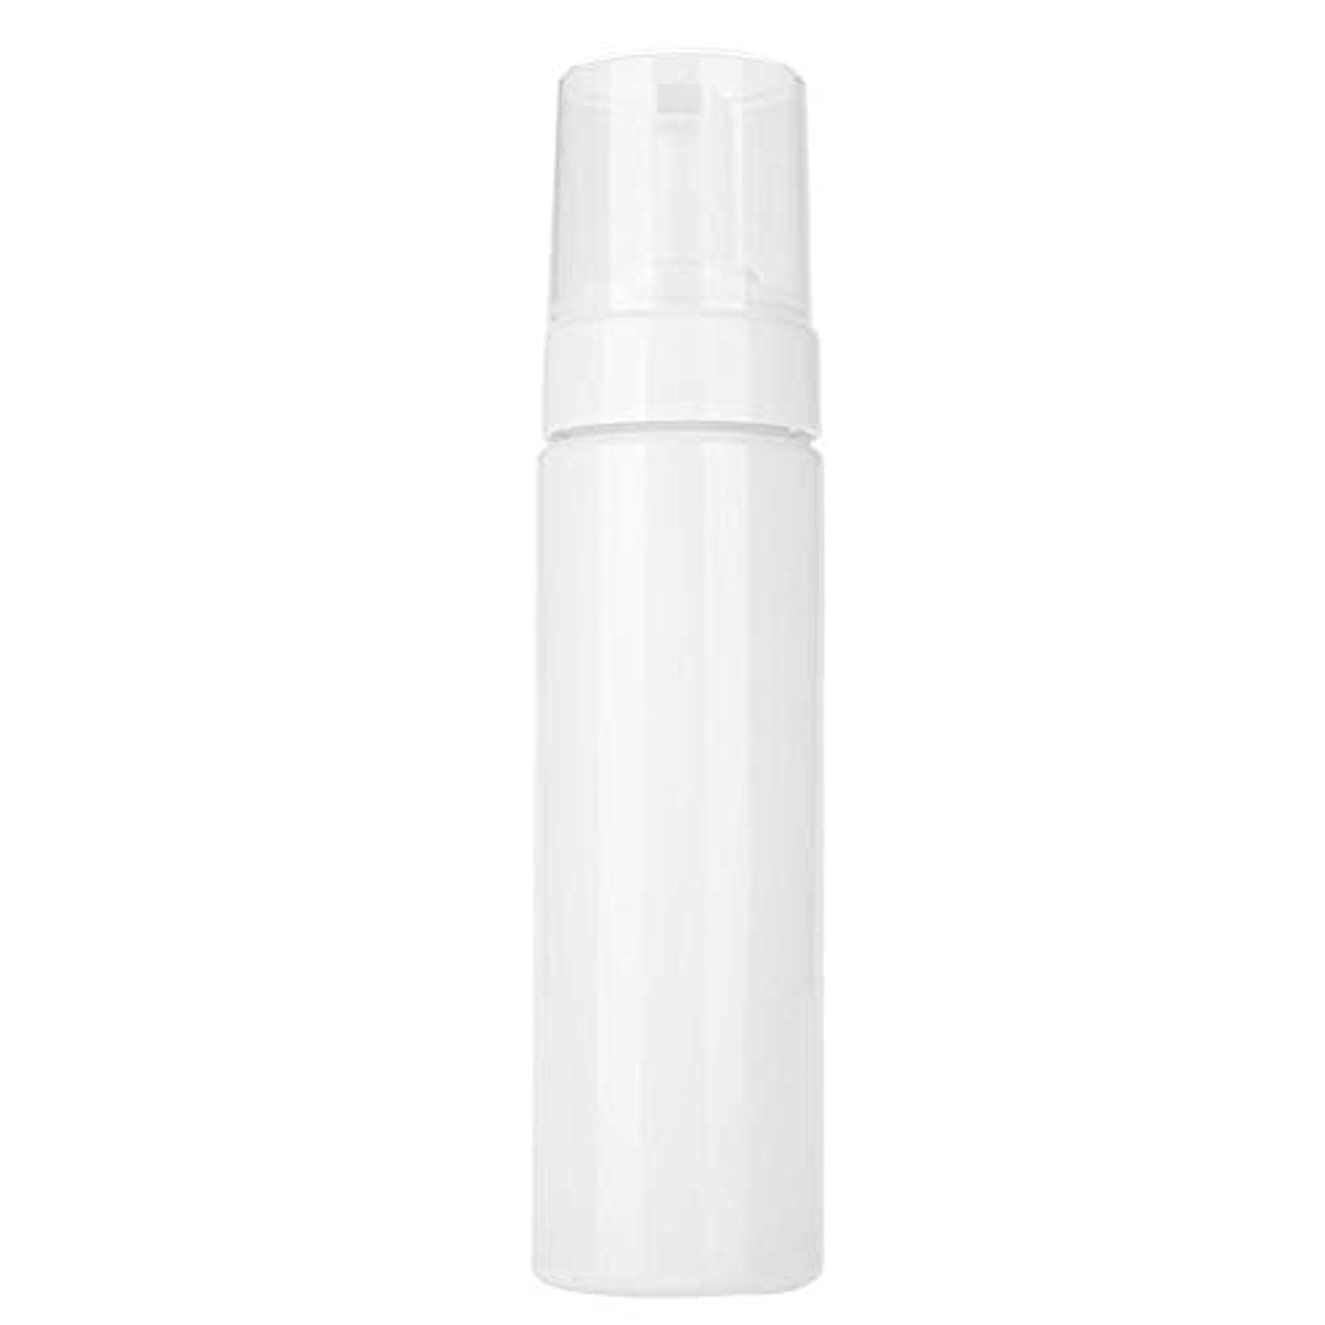 カフェ植物学者社交的発泡ボトル 石鹸ディスペンサー 発泡ポンプ